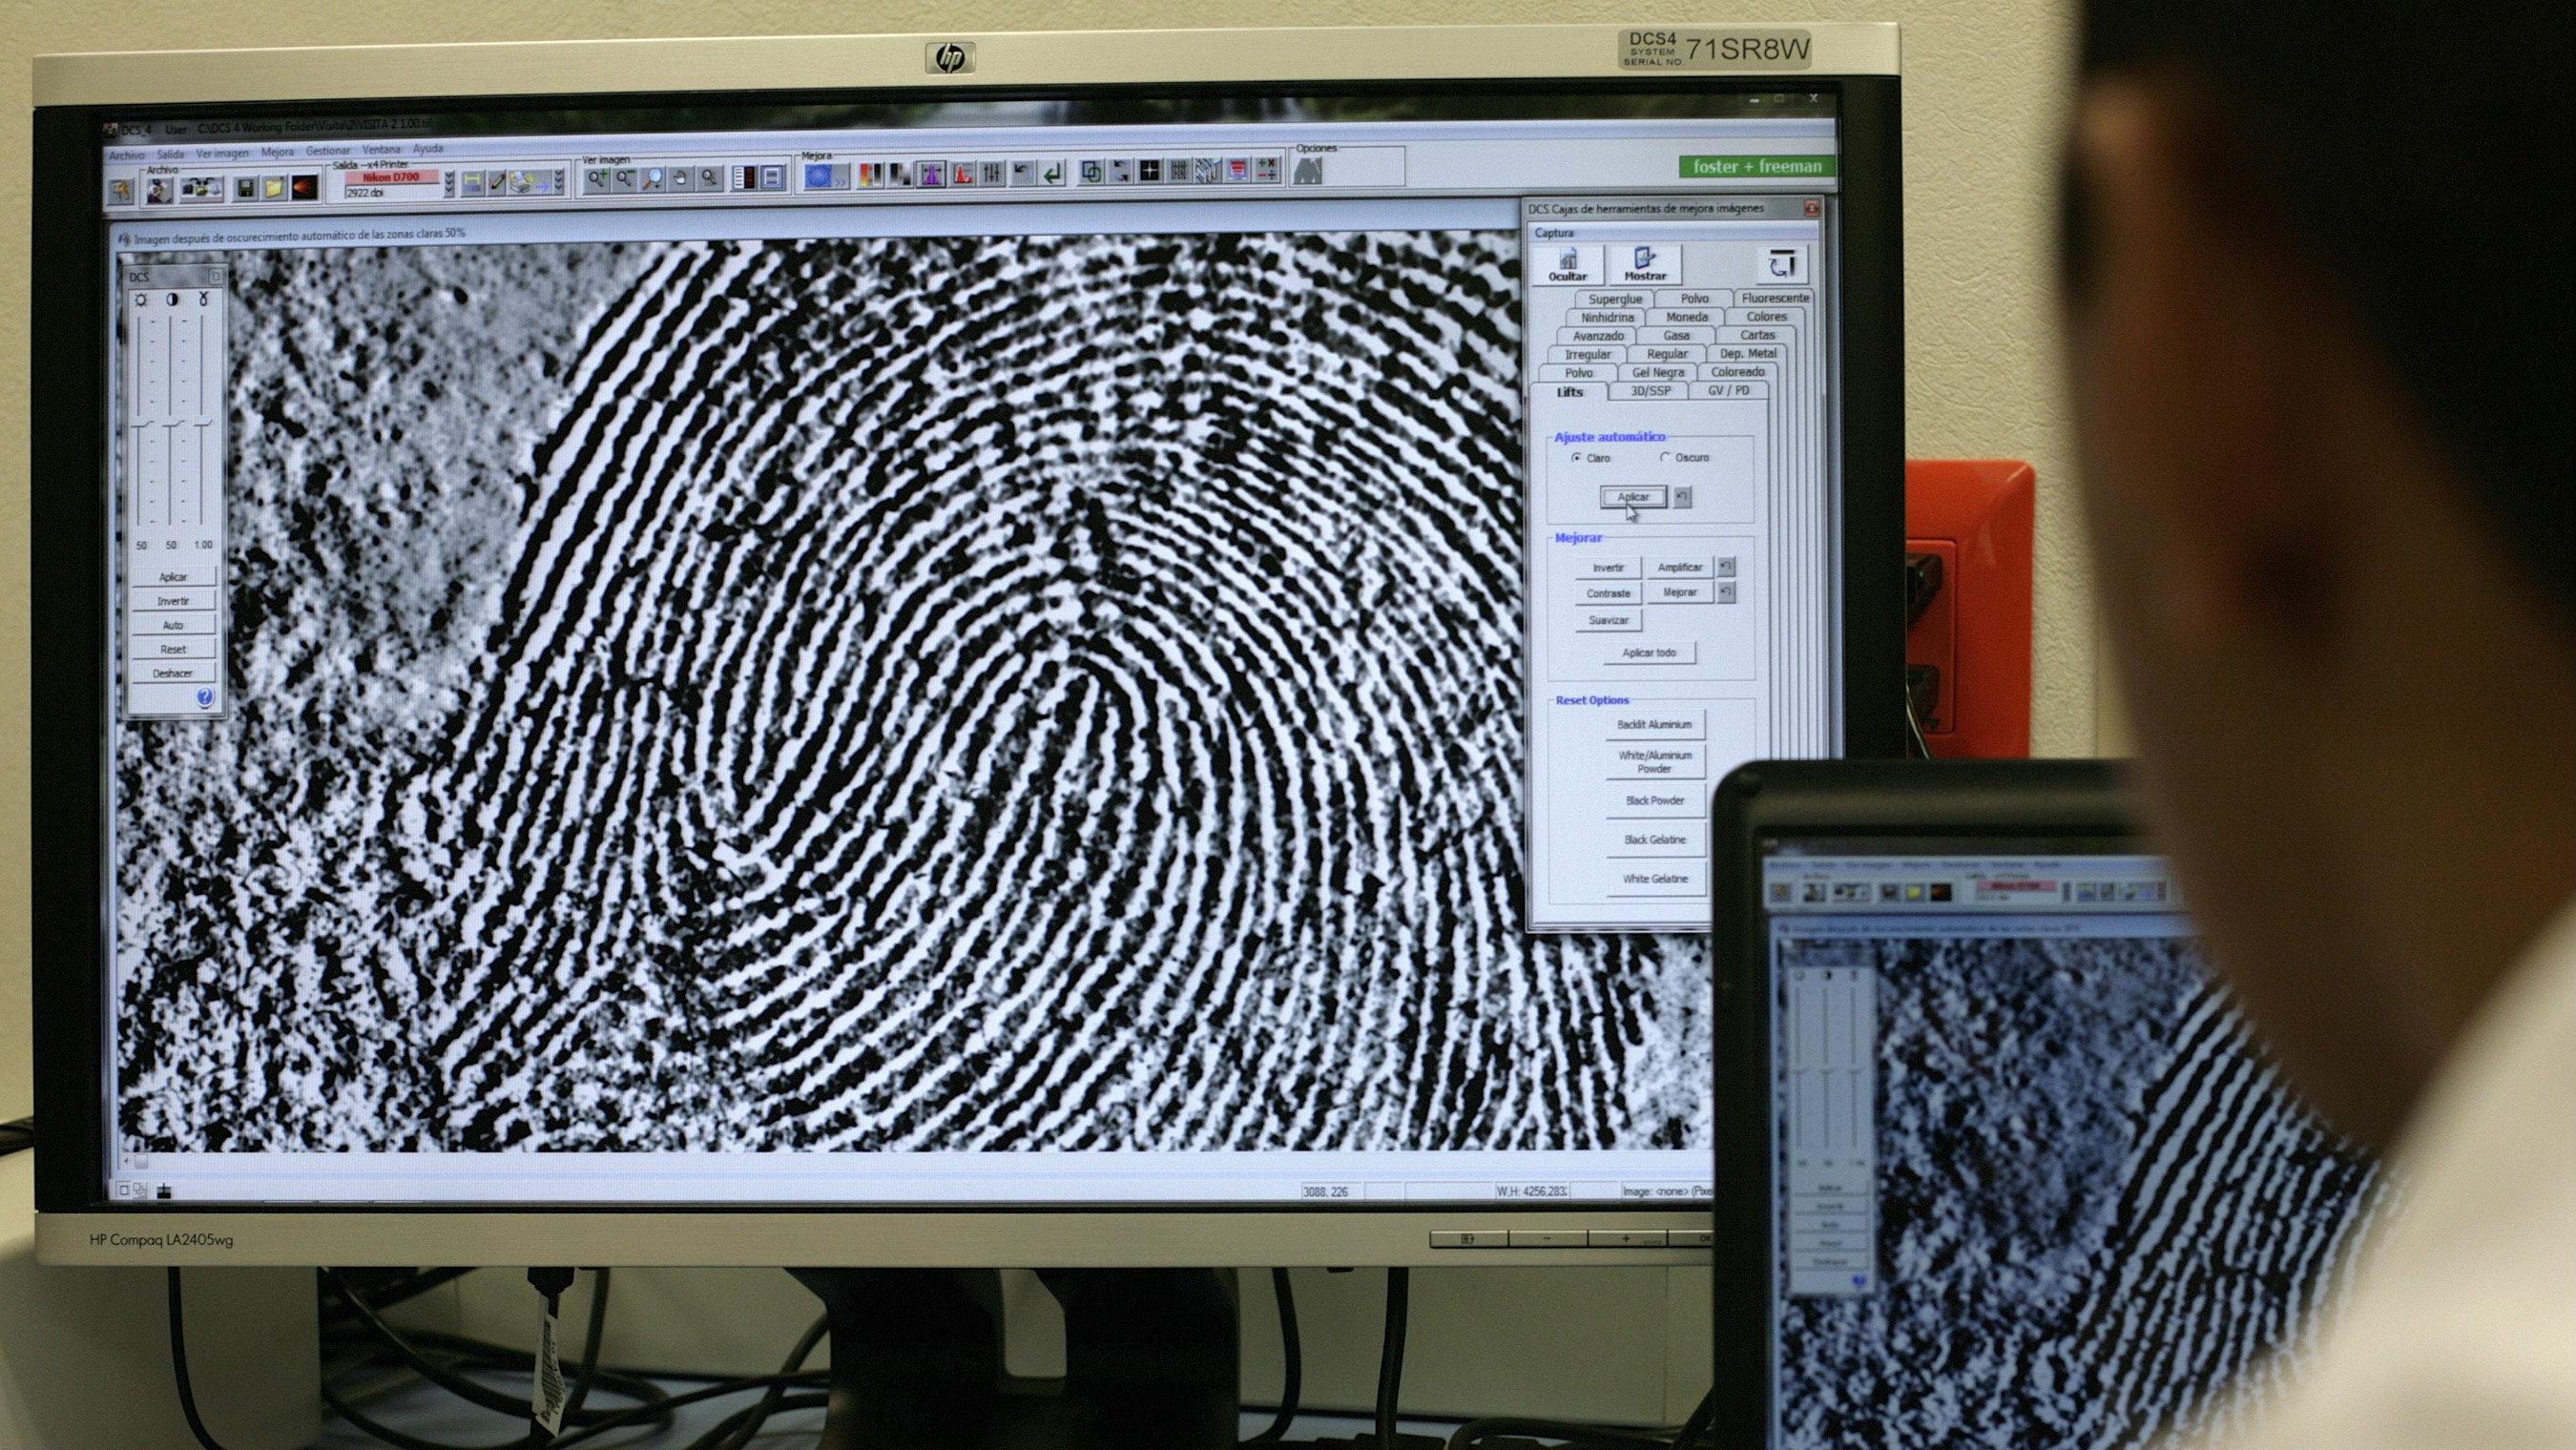 reuters-fingerprints